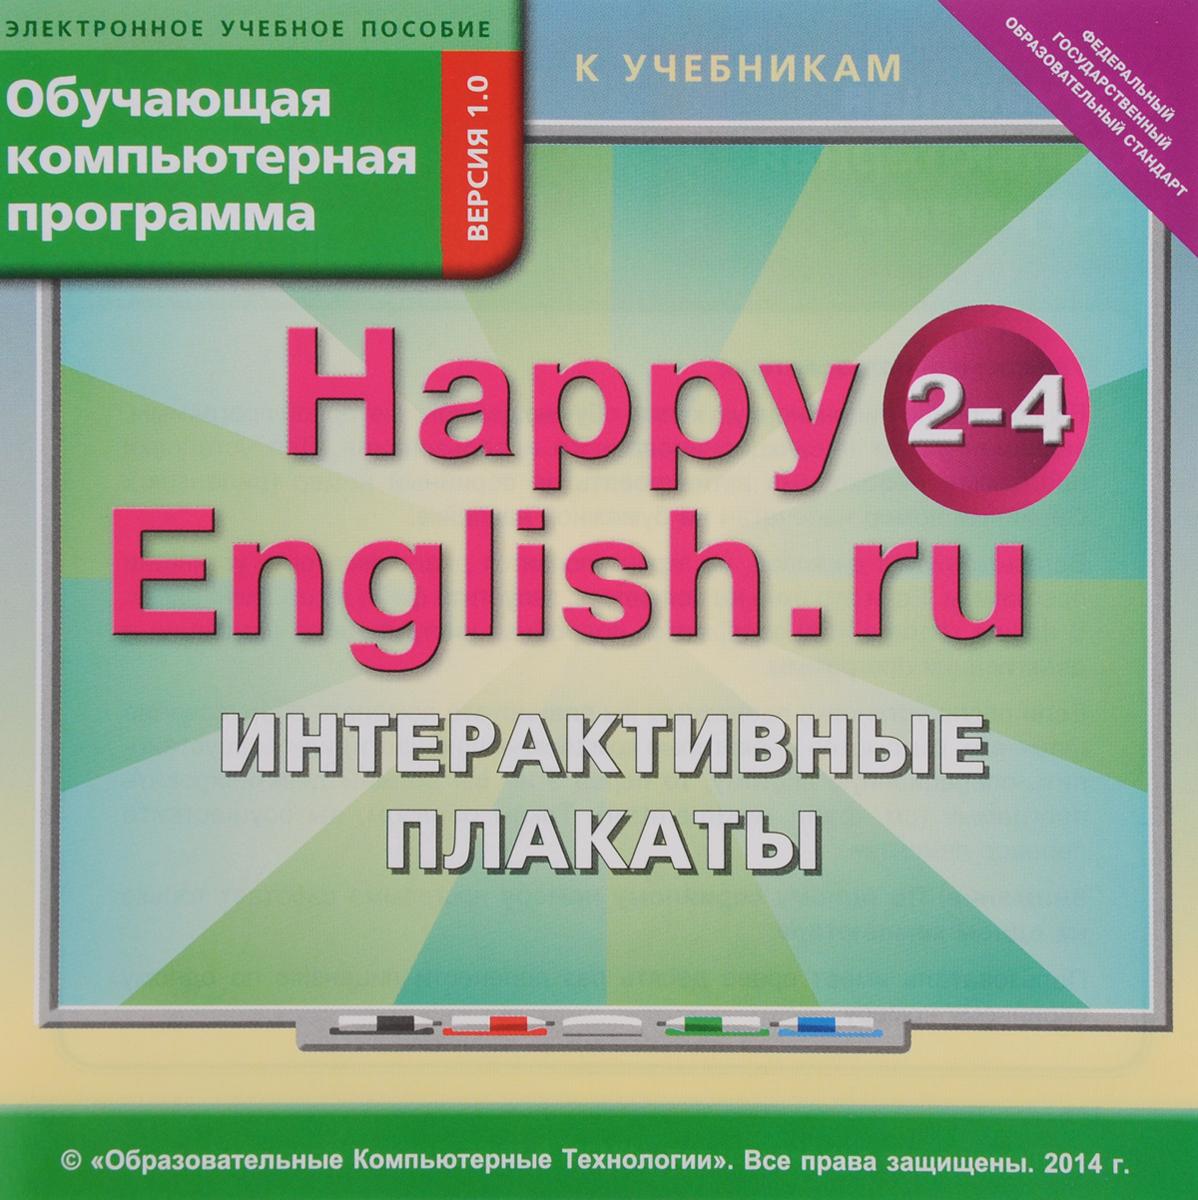 Happy English.ru 2-4 / Счастливый английский.ру. 2-4 класс. Интерактивные плакаты. Обучающая компьютерная программа